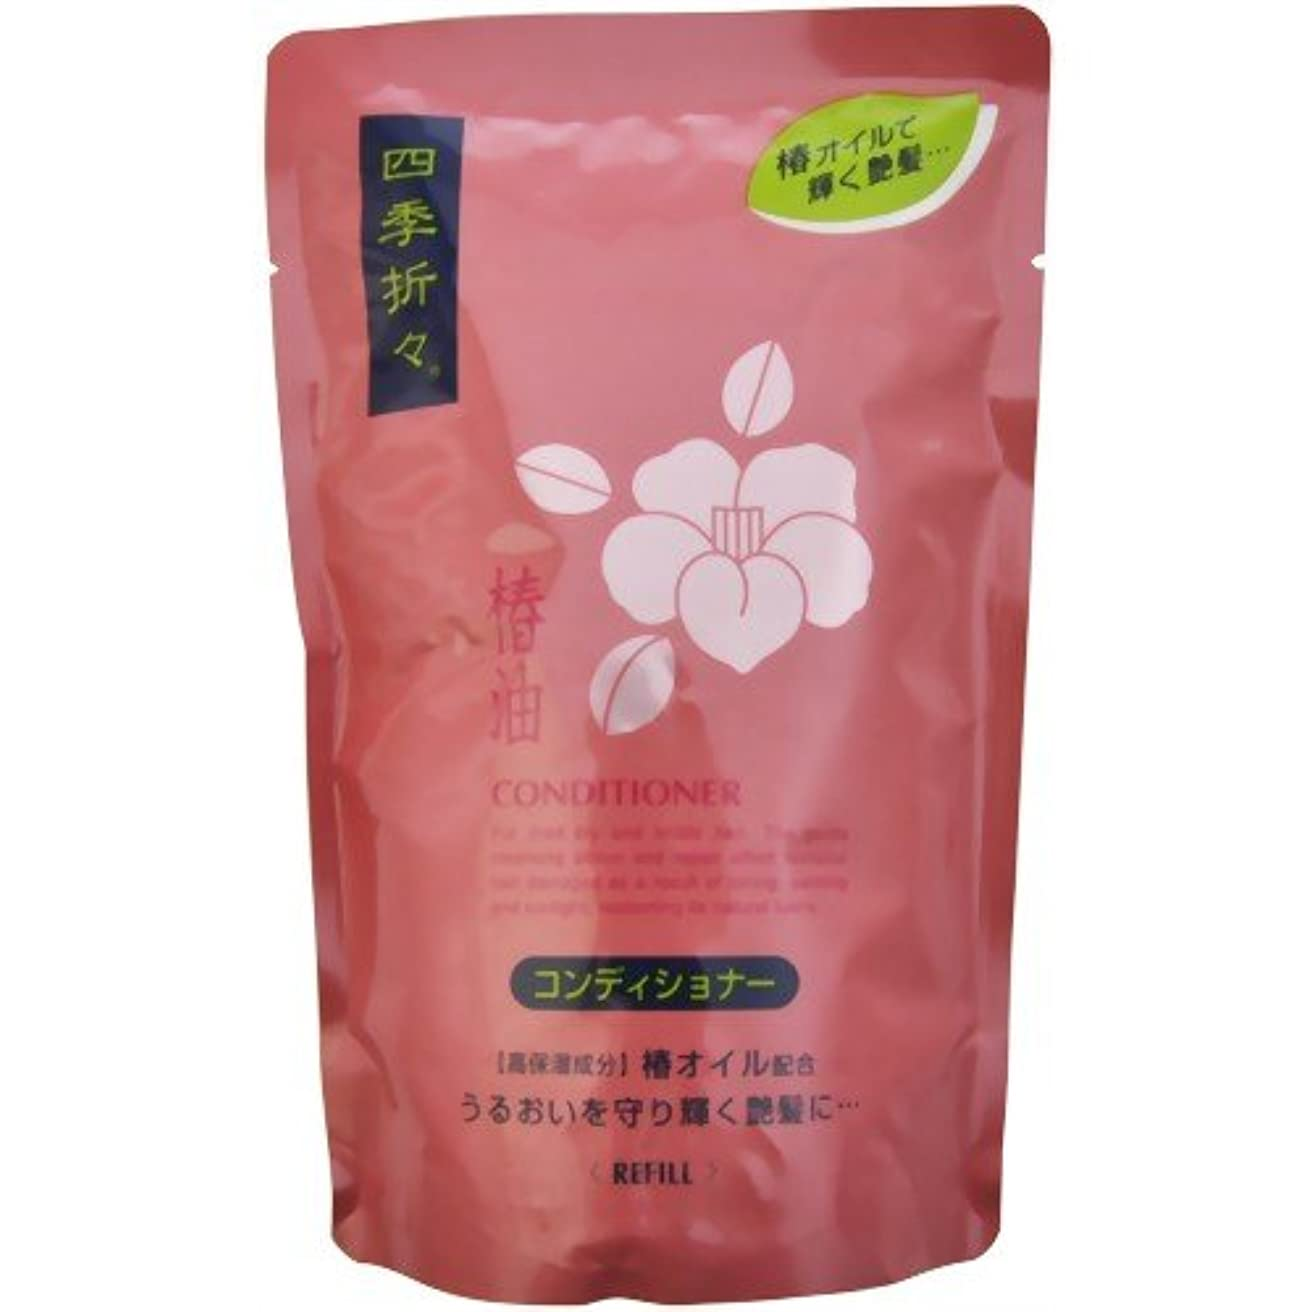 リンスカニ呼び出す熊野油脂 四季折々 椿油コンディショナー 詰替用 450ml